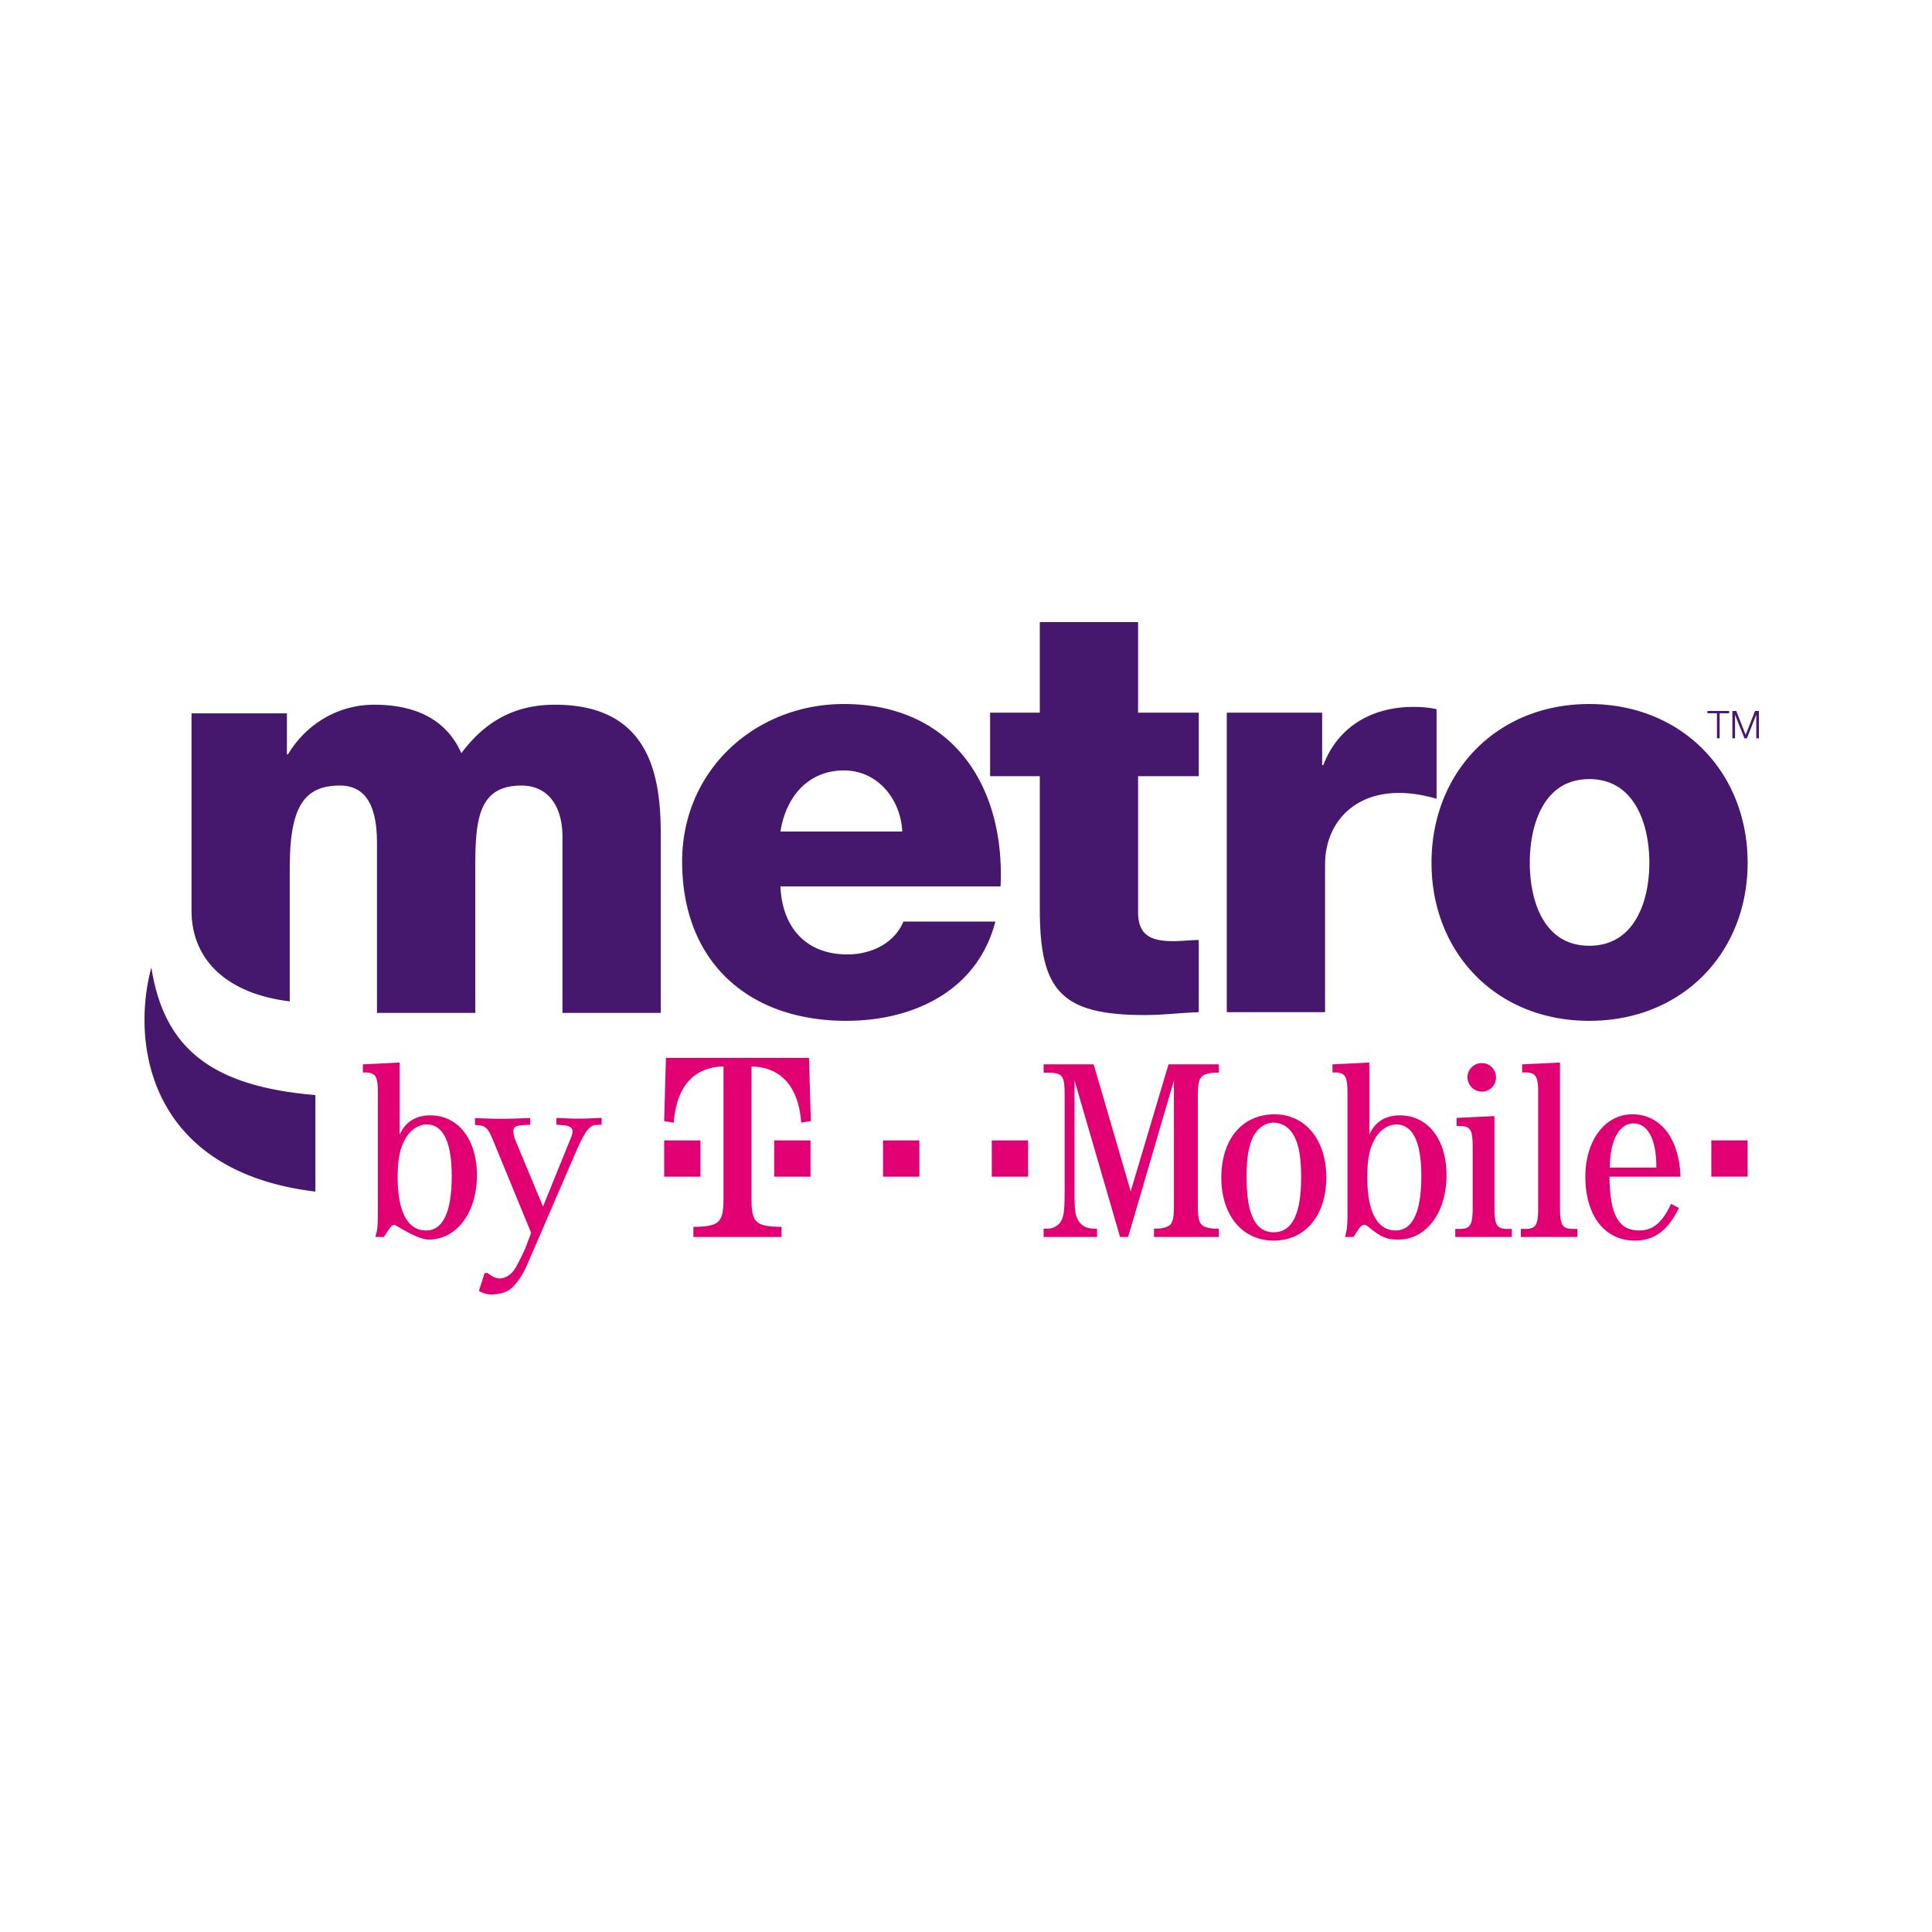 MetroPCS Columbus